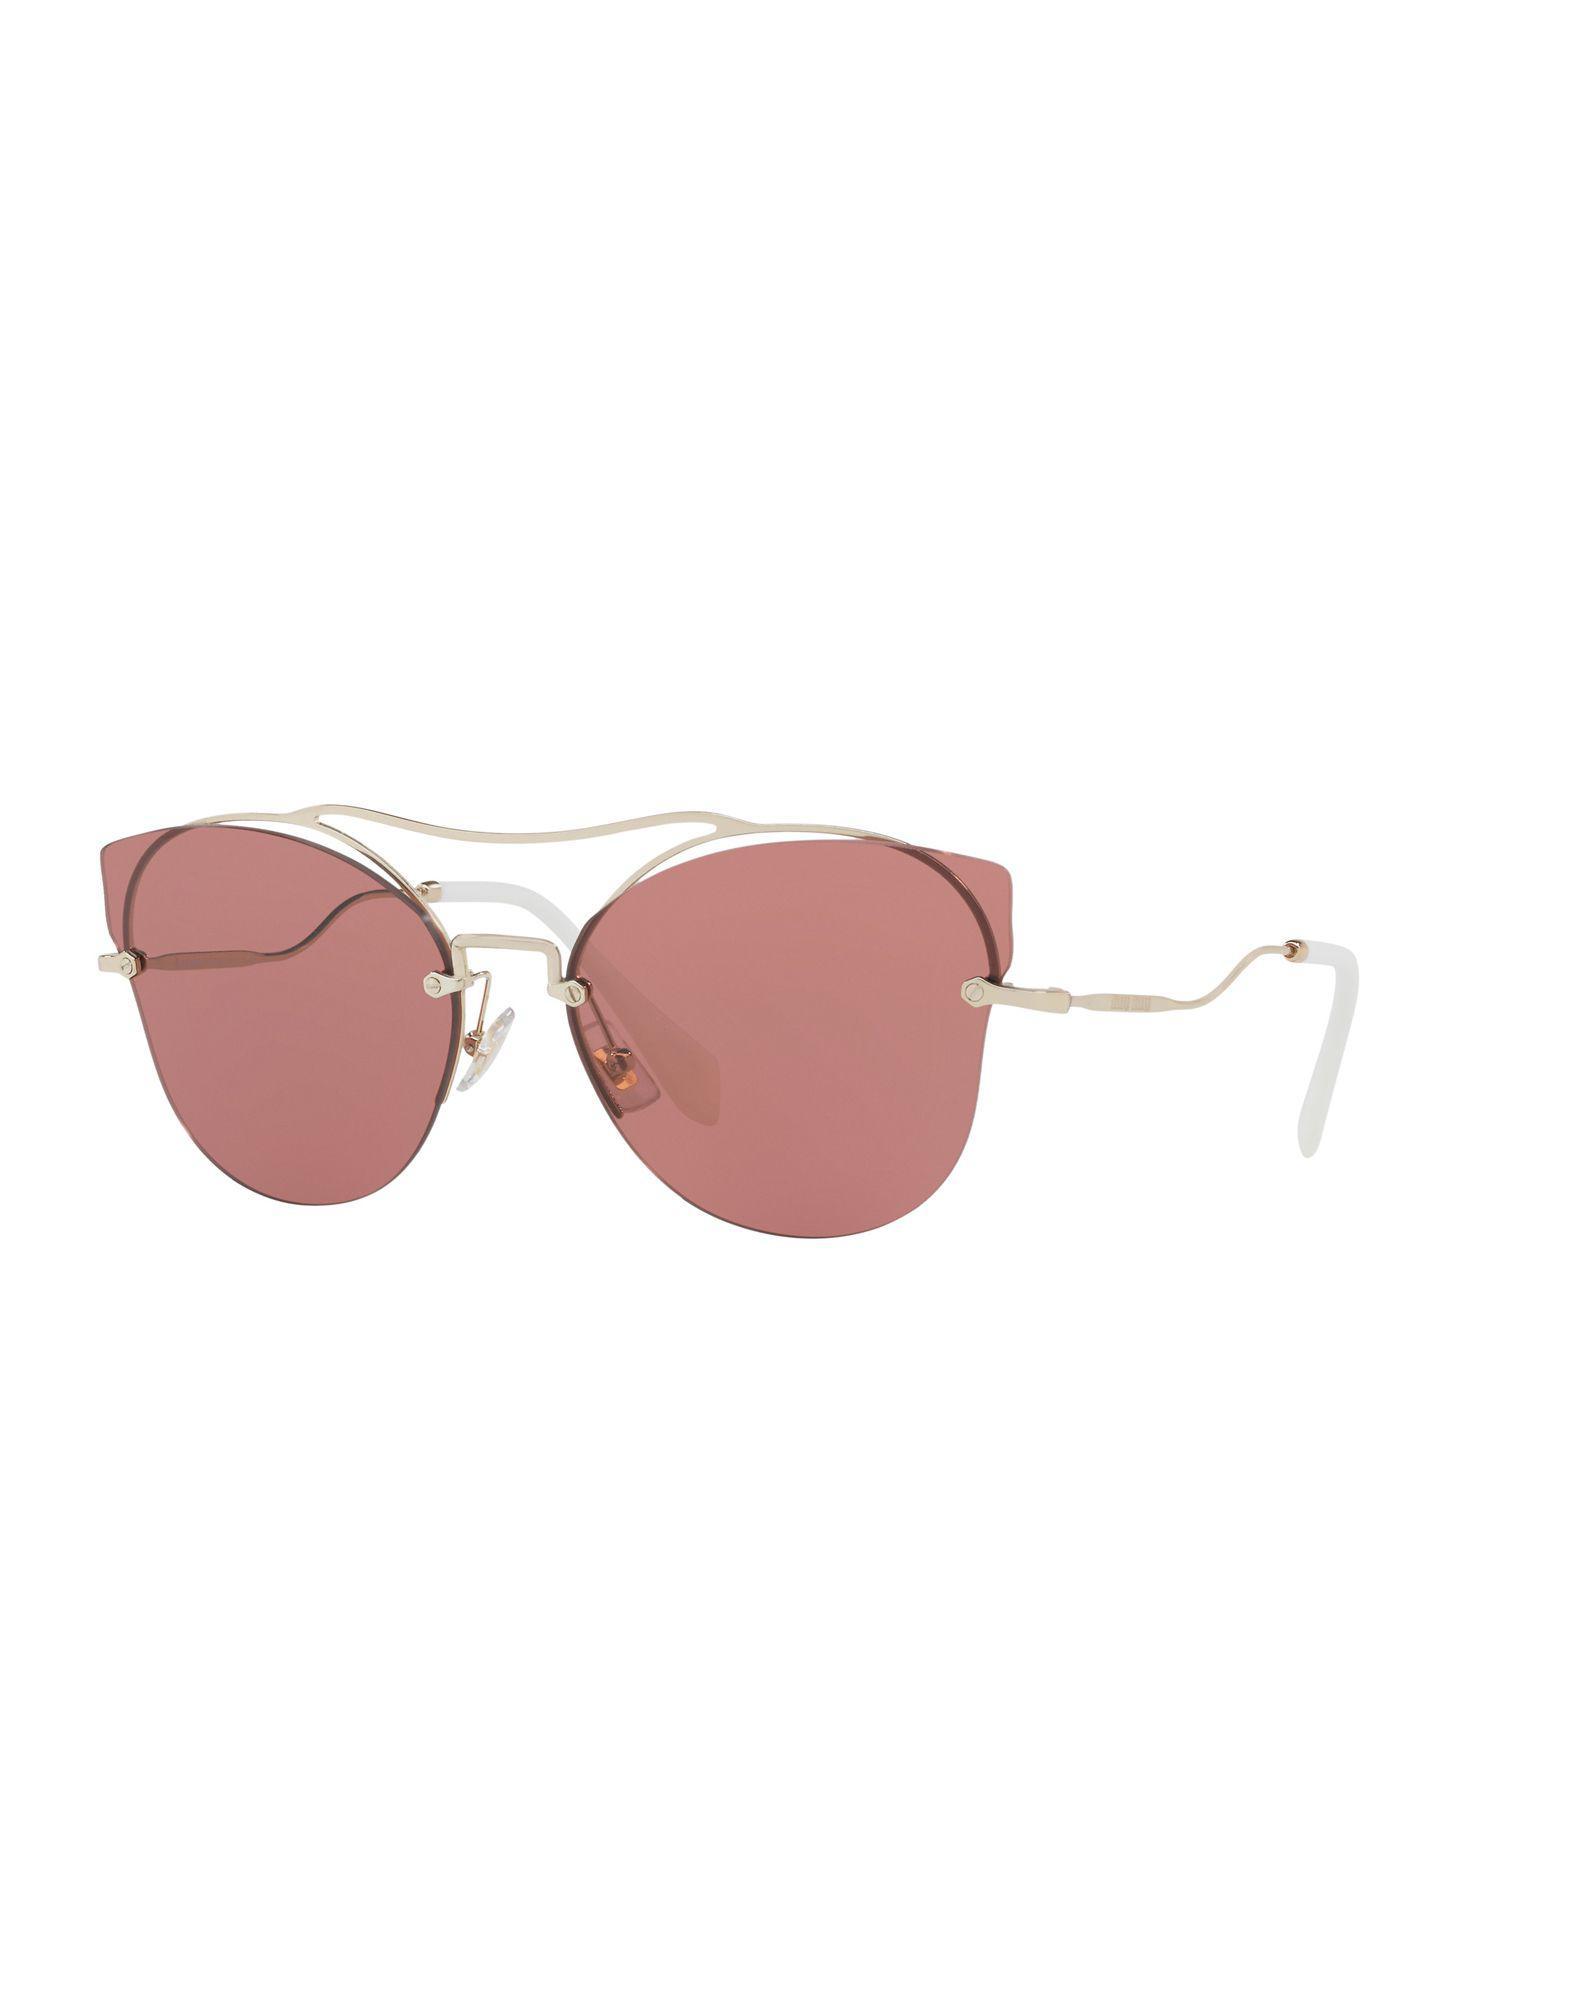 Miu Miu. Gafas de sol de mujer de color rosa de81718ca6